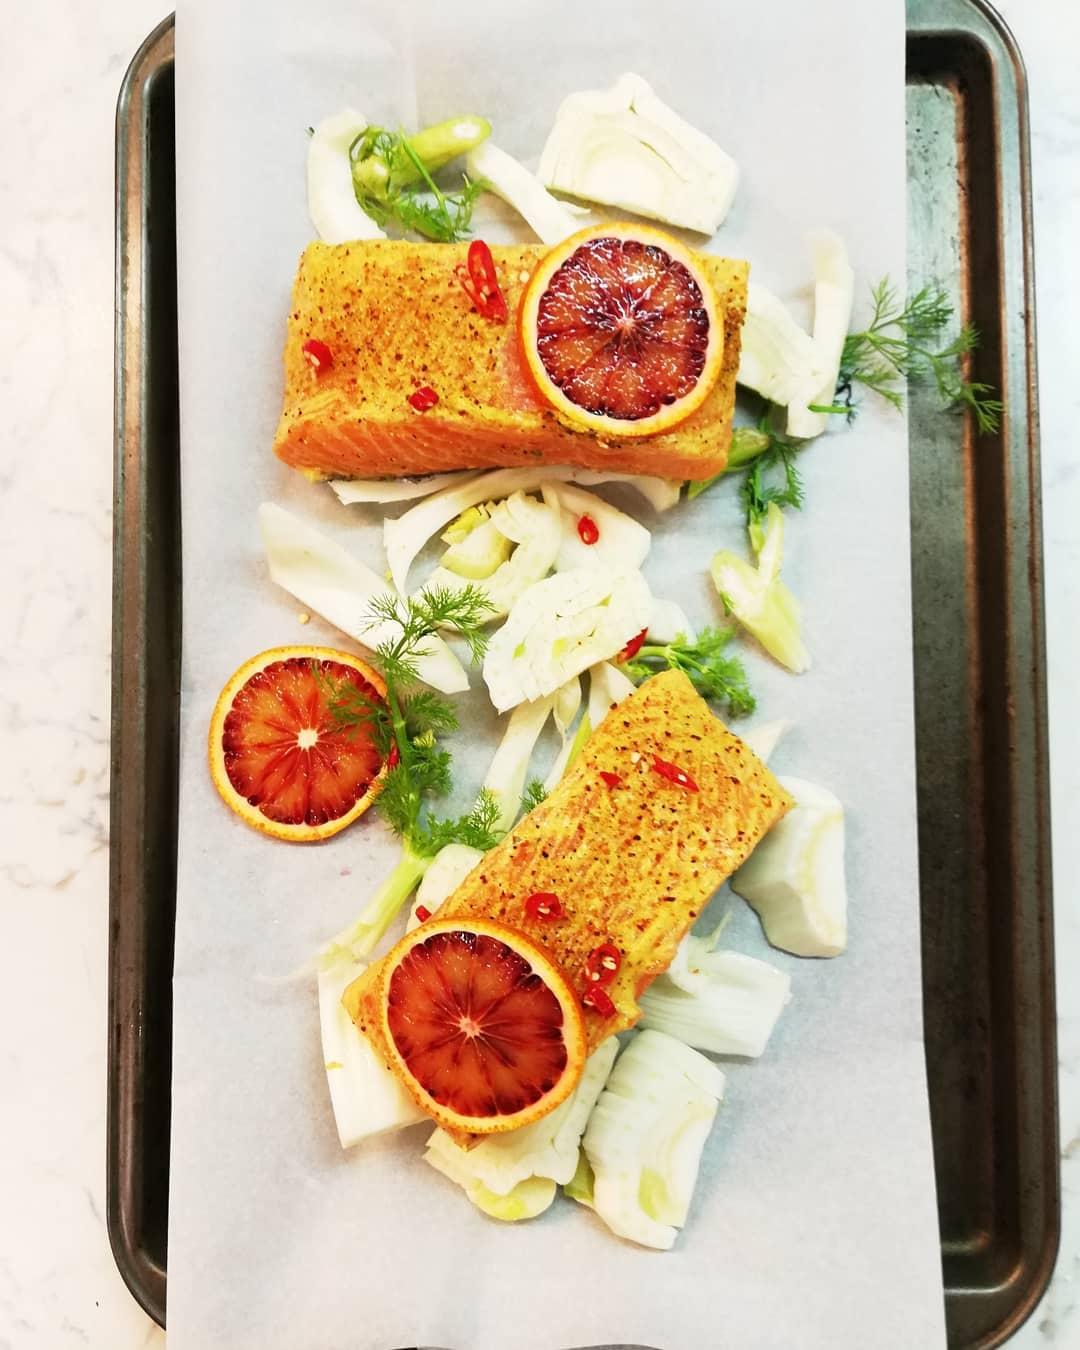 Vérnarancsos, édesköményes lazac Forrás: @chef_titi